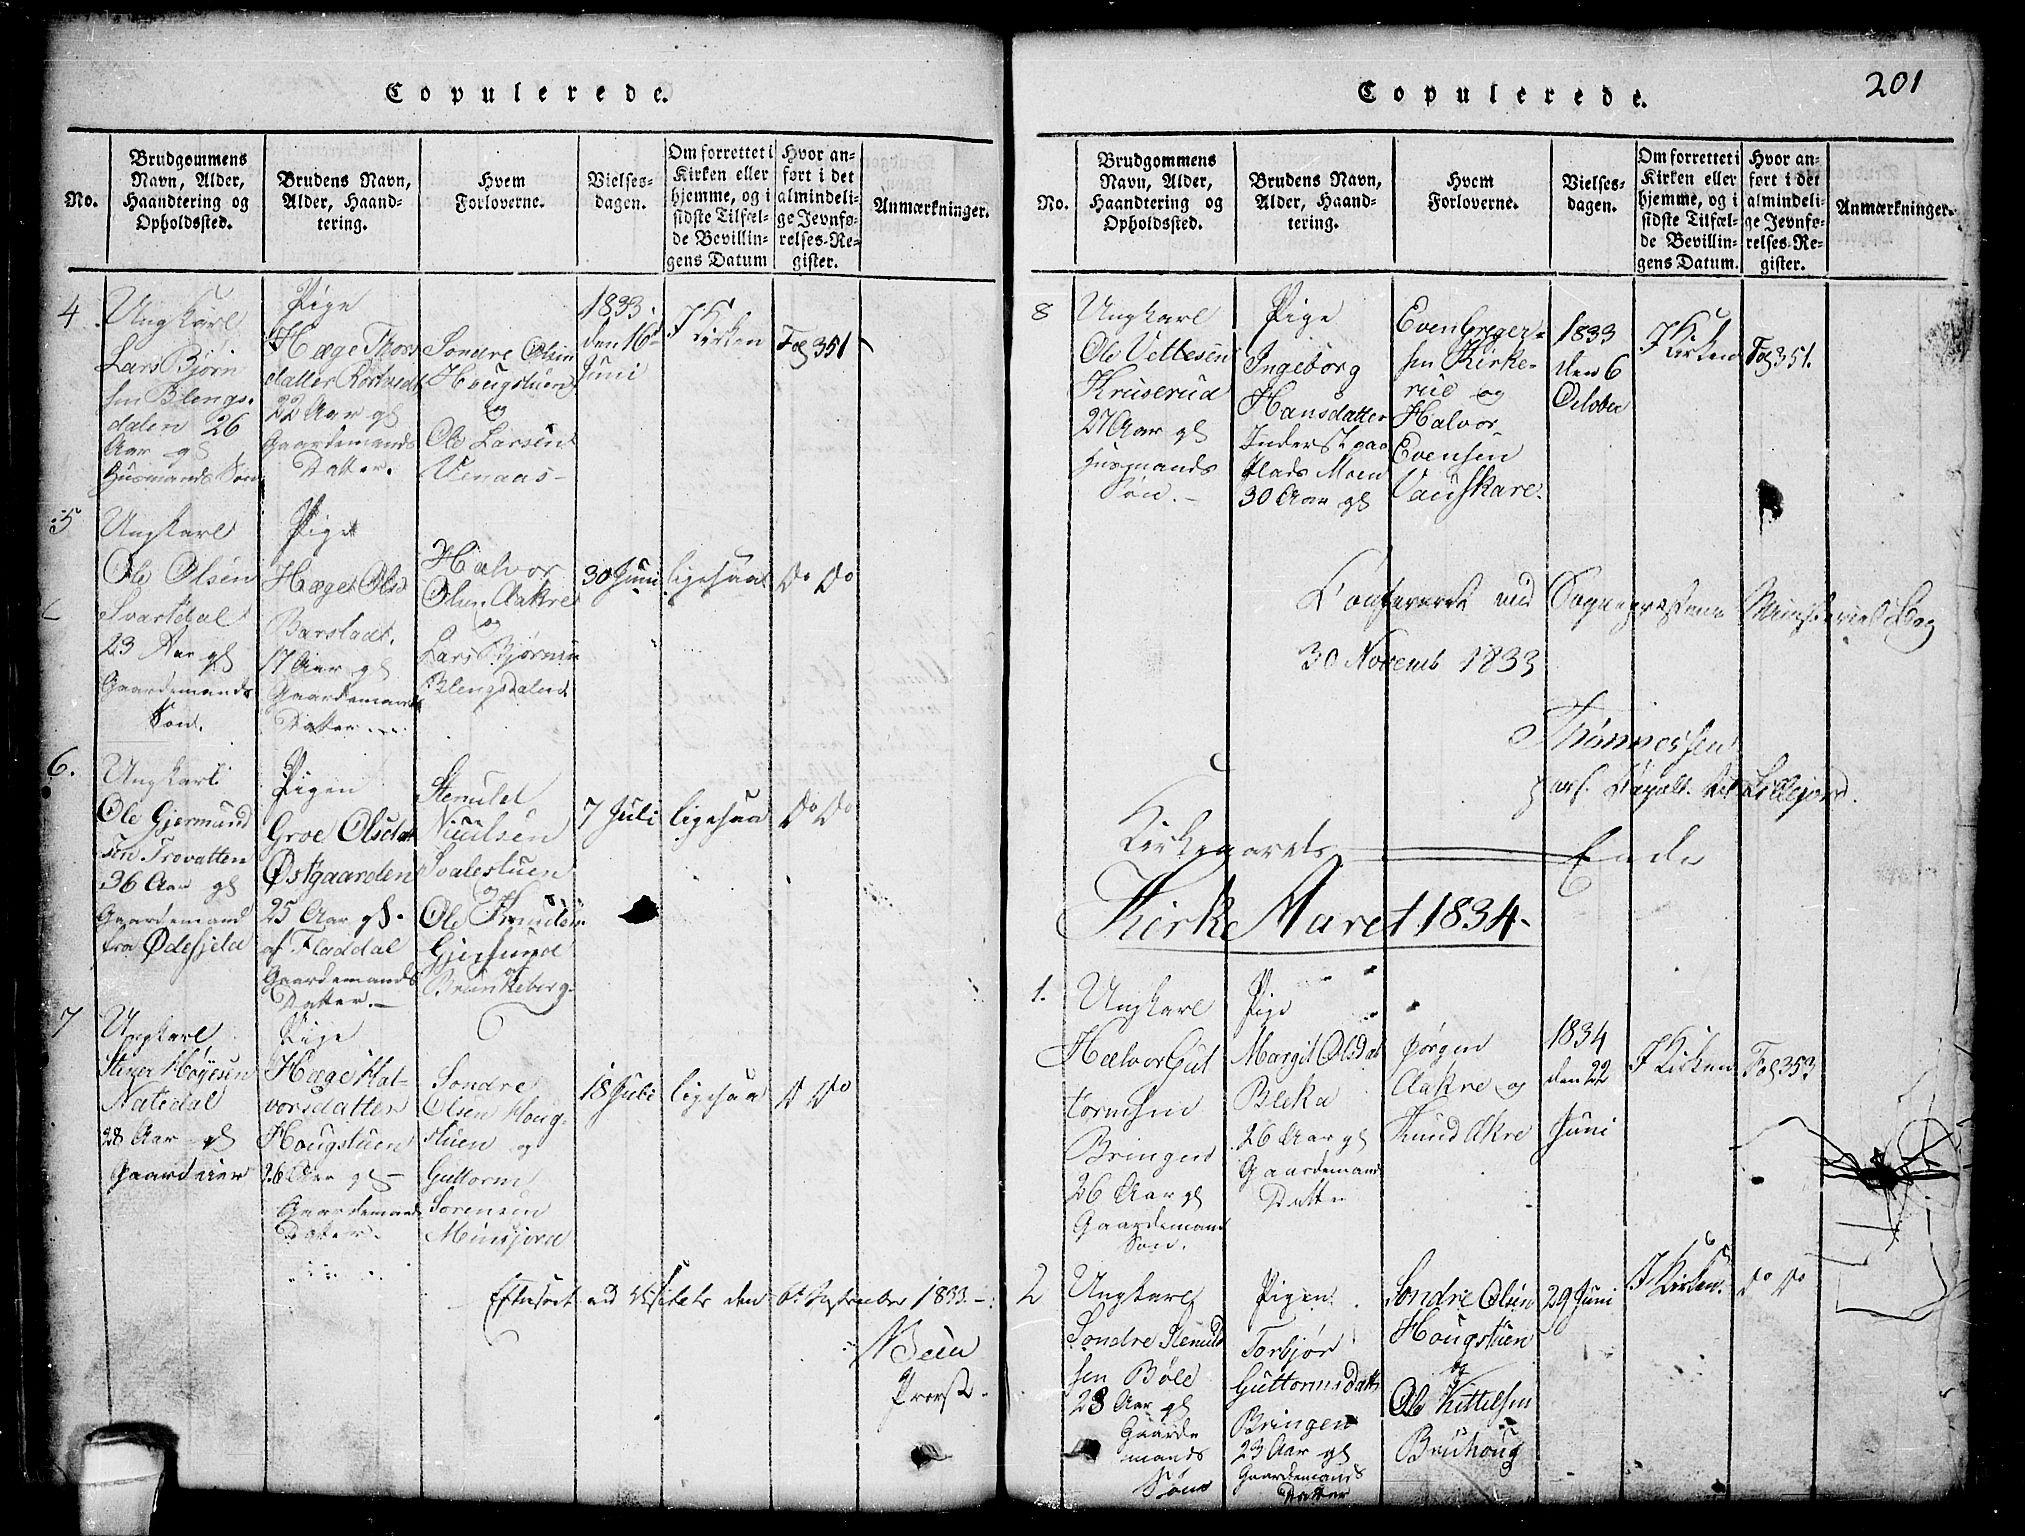 SAKO, Seljord kirkebøker, G/Gb/L0002: Klokkerbok nr. II 2, 1815-1854, s. 201